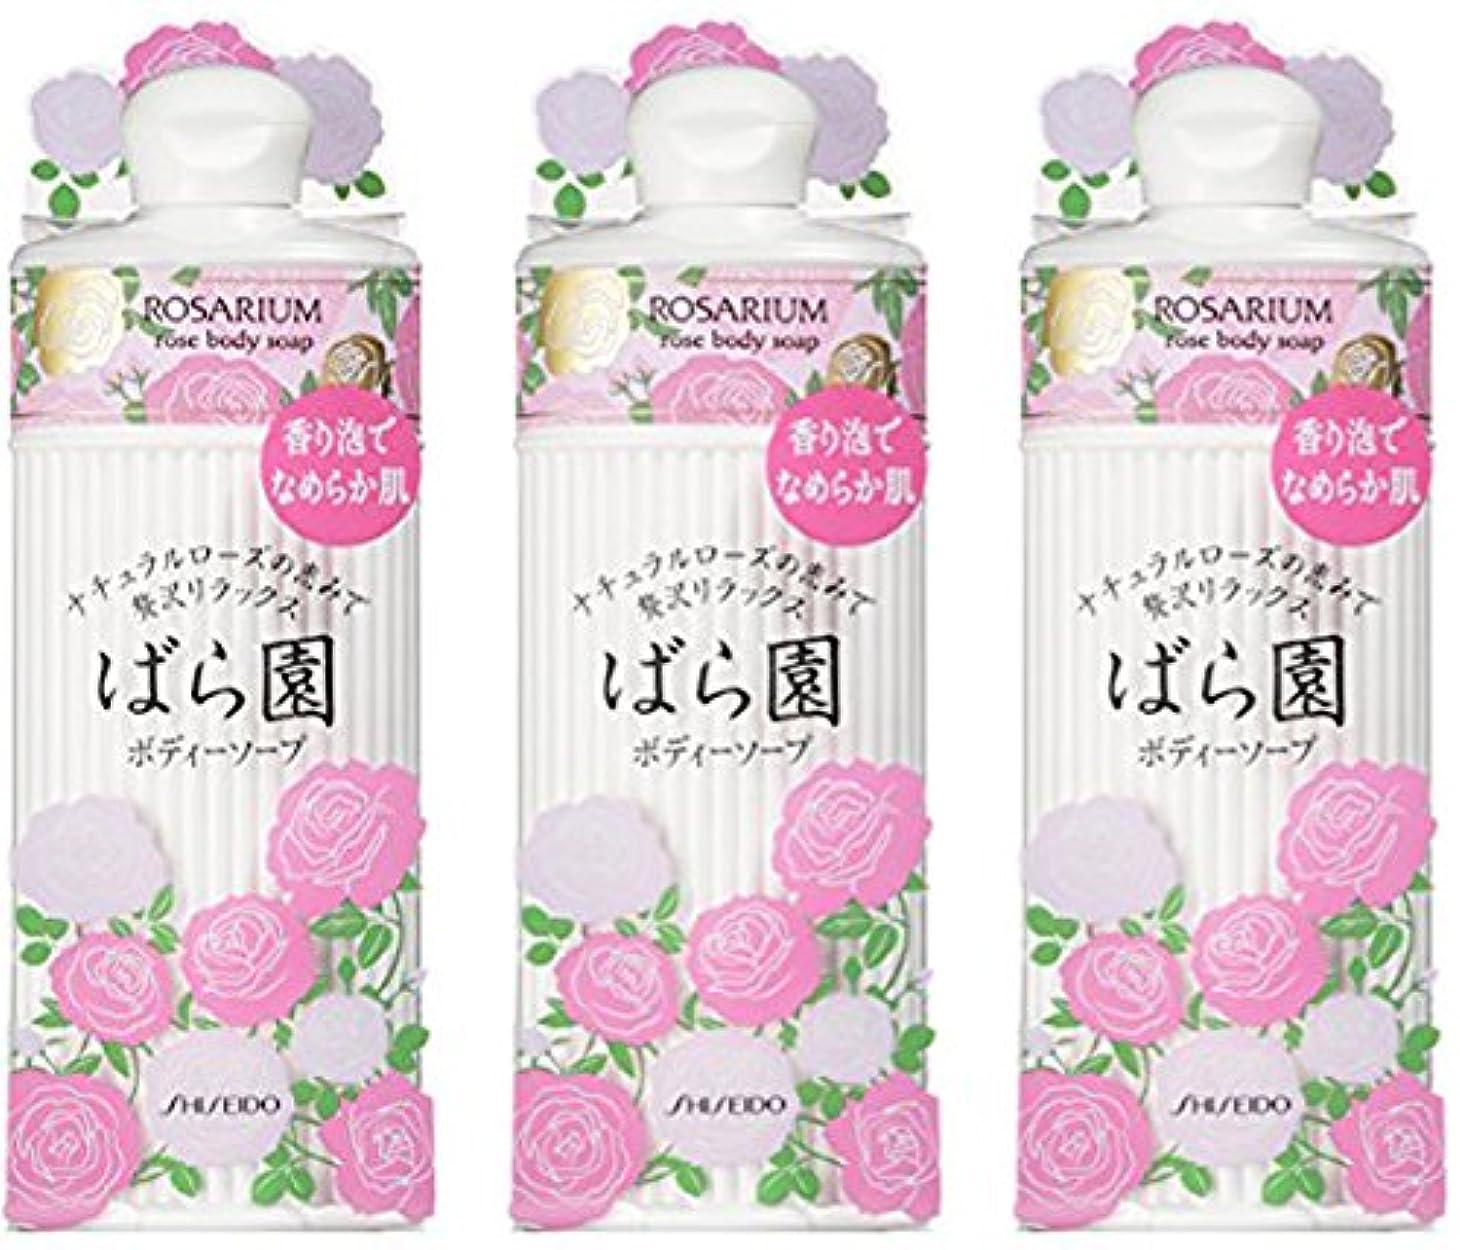 【資生堂】ばら園 ローズボディソープRX 300ml ×3個セット